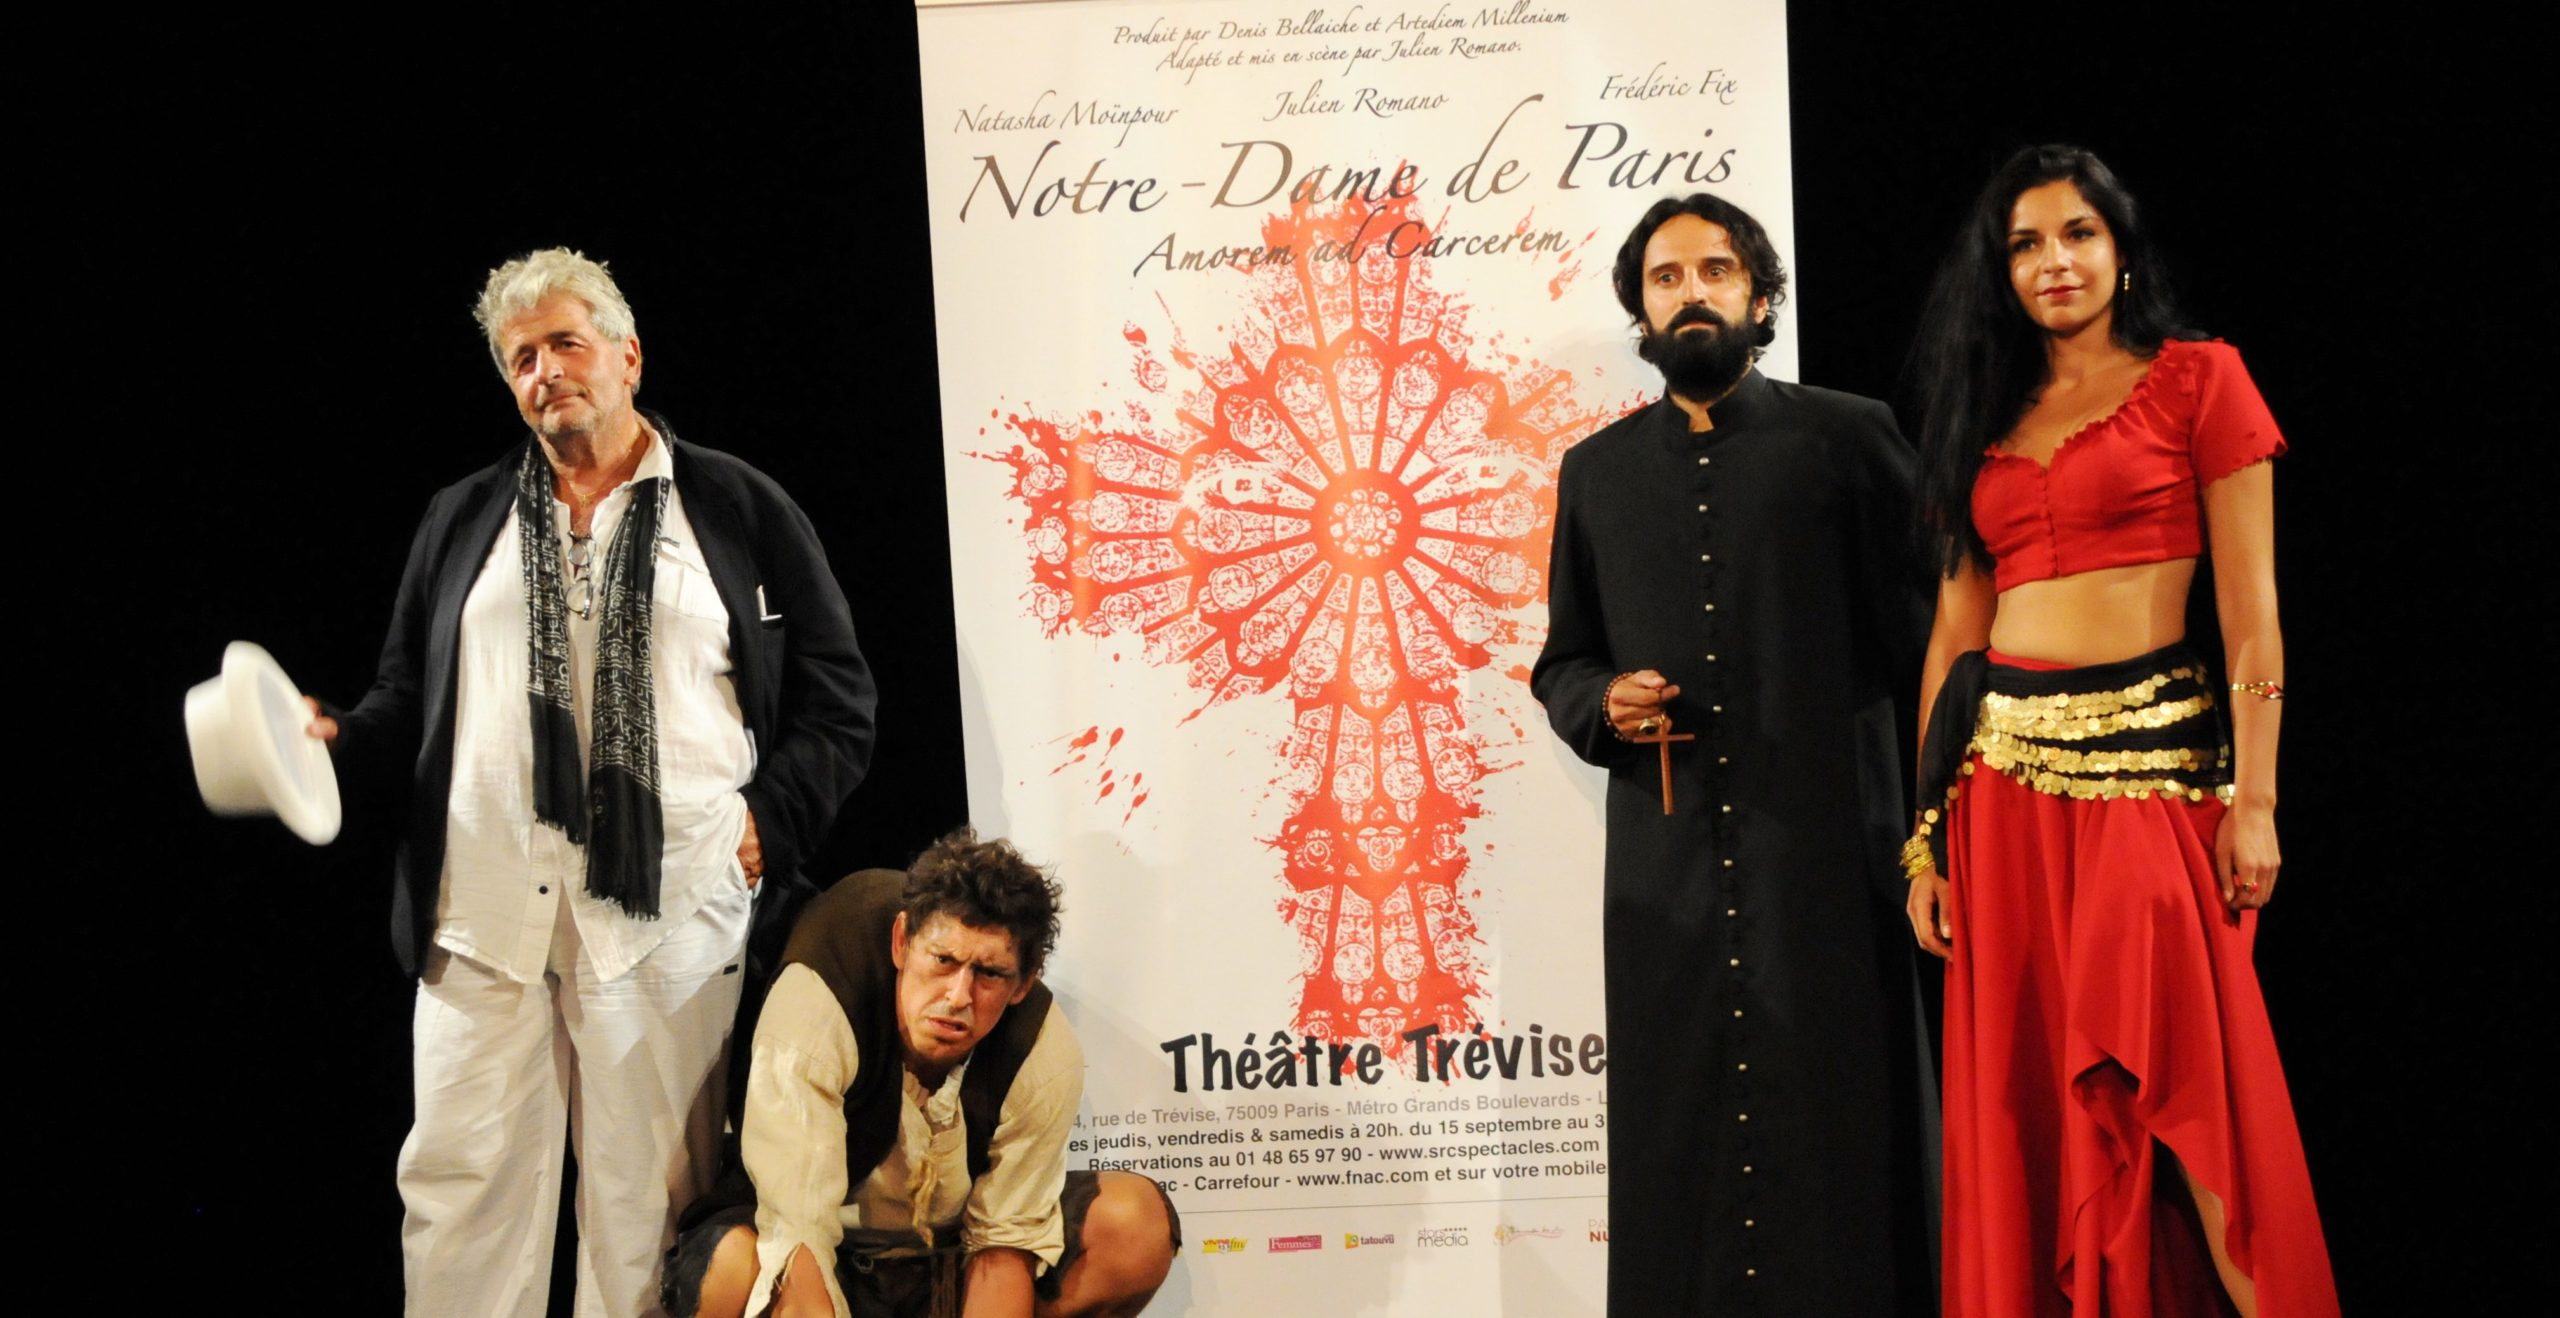 Notre Dame de Paris, un spectacle inouï avec 3 comédiens époustouflants…